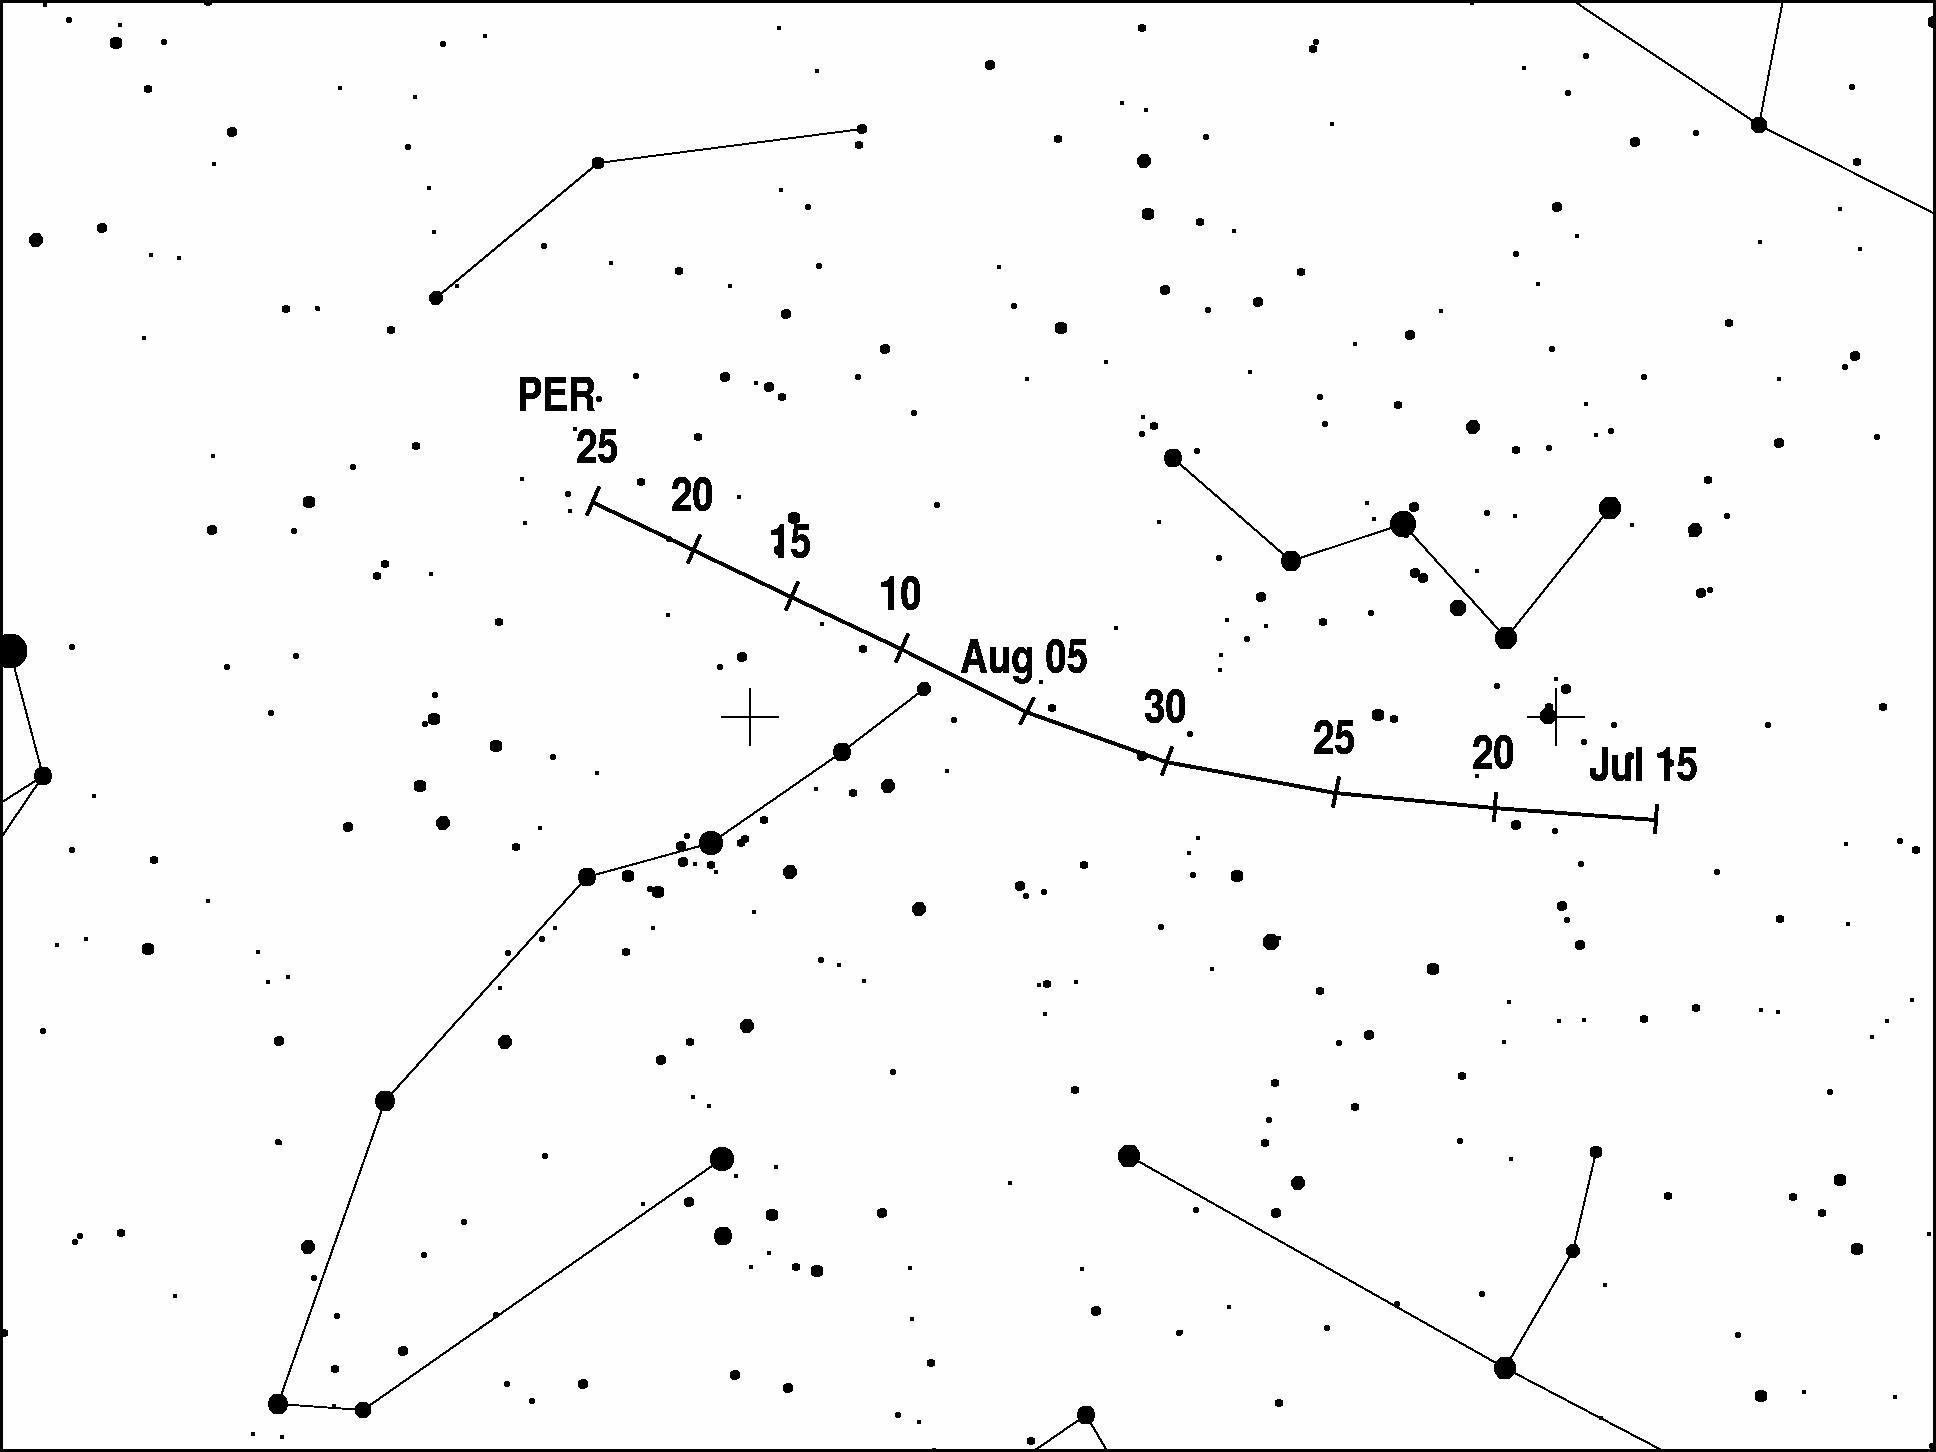 Pozycja i dryft radiantu Perseidów